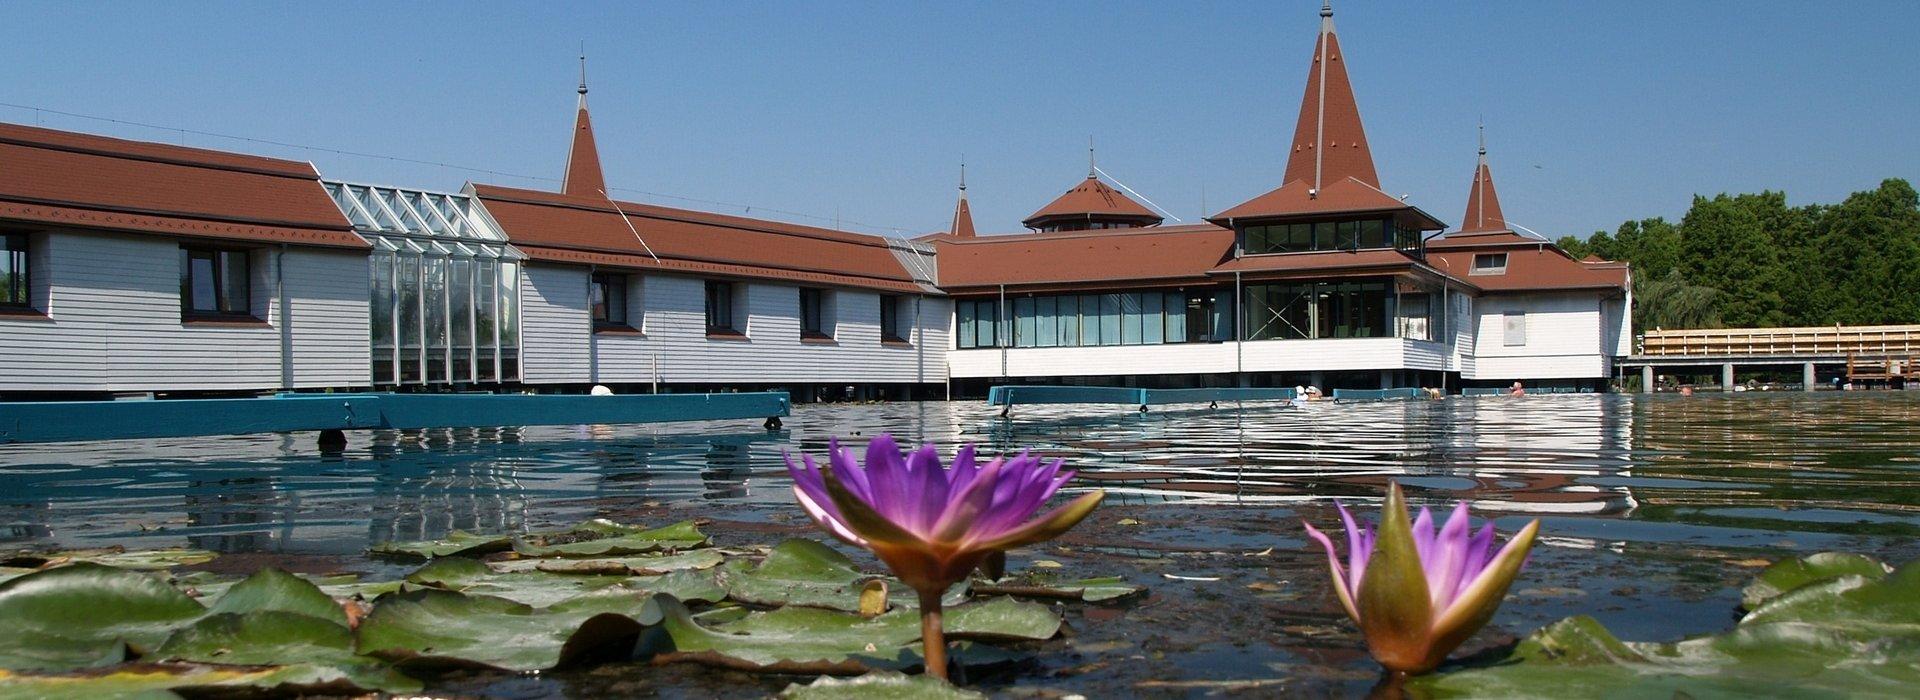 Napfényfürdő Aquapolis Szeged Wellness-, Gyógy-, Élmény- és Strandfürdő